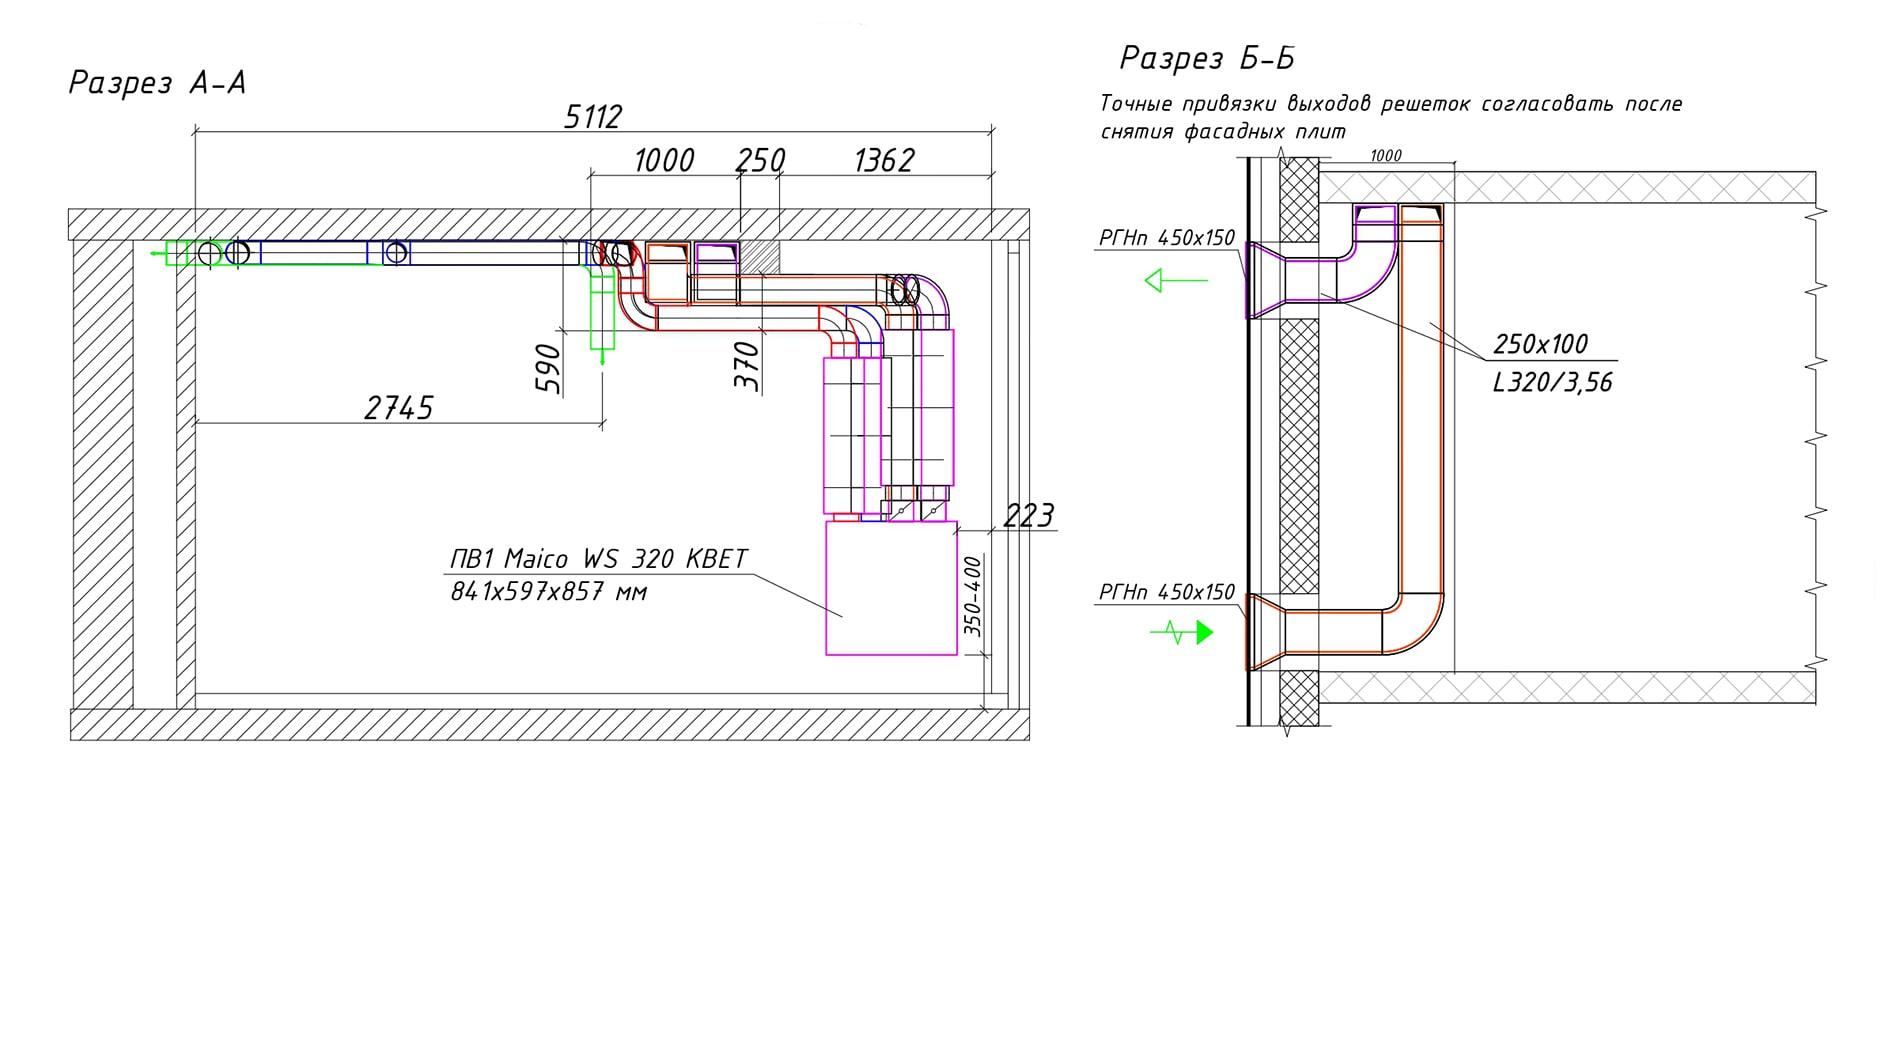 Системы вентиляции в разрезе